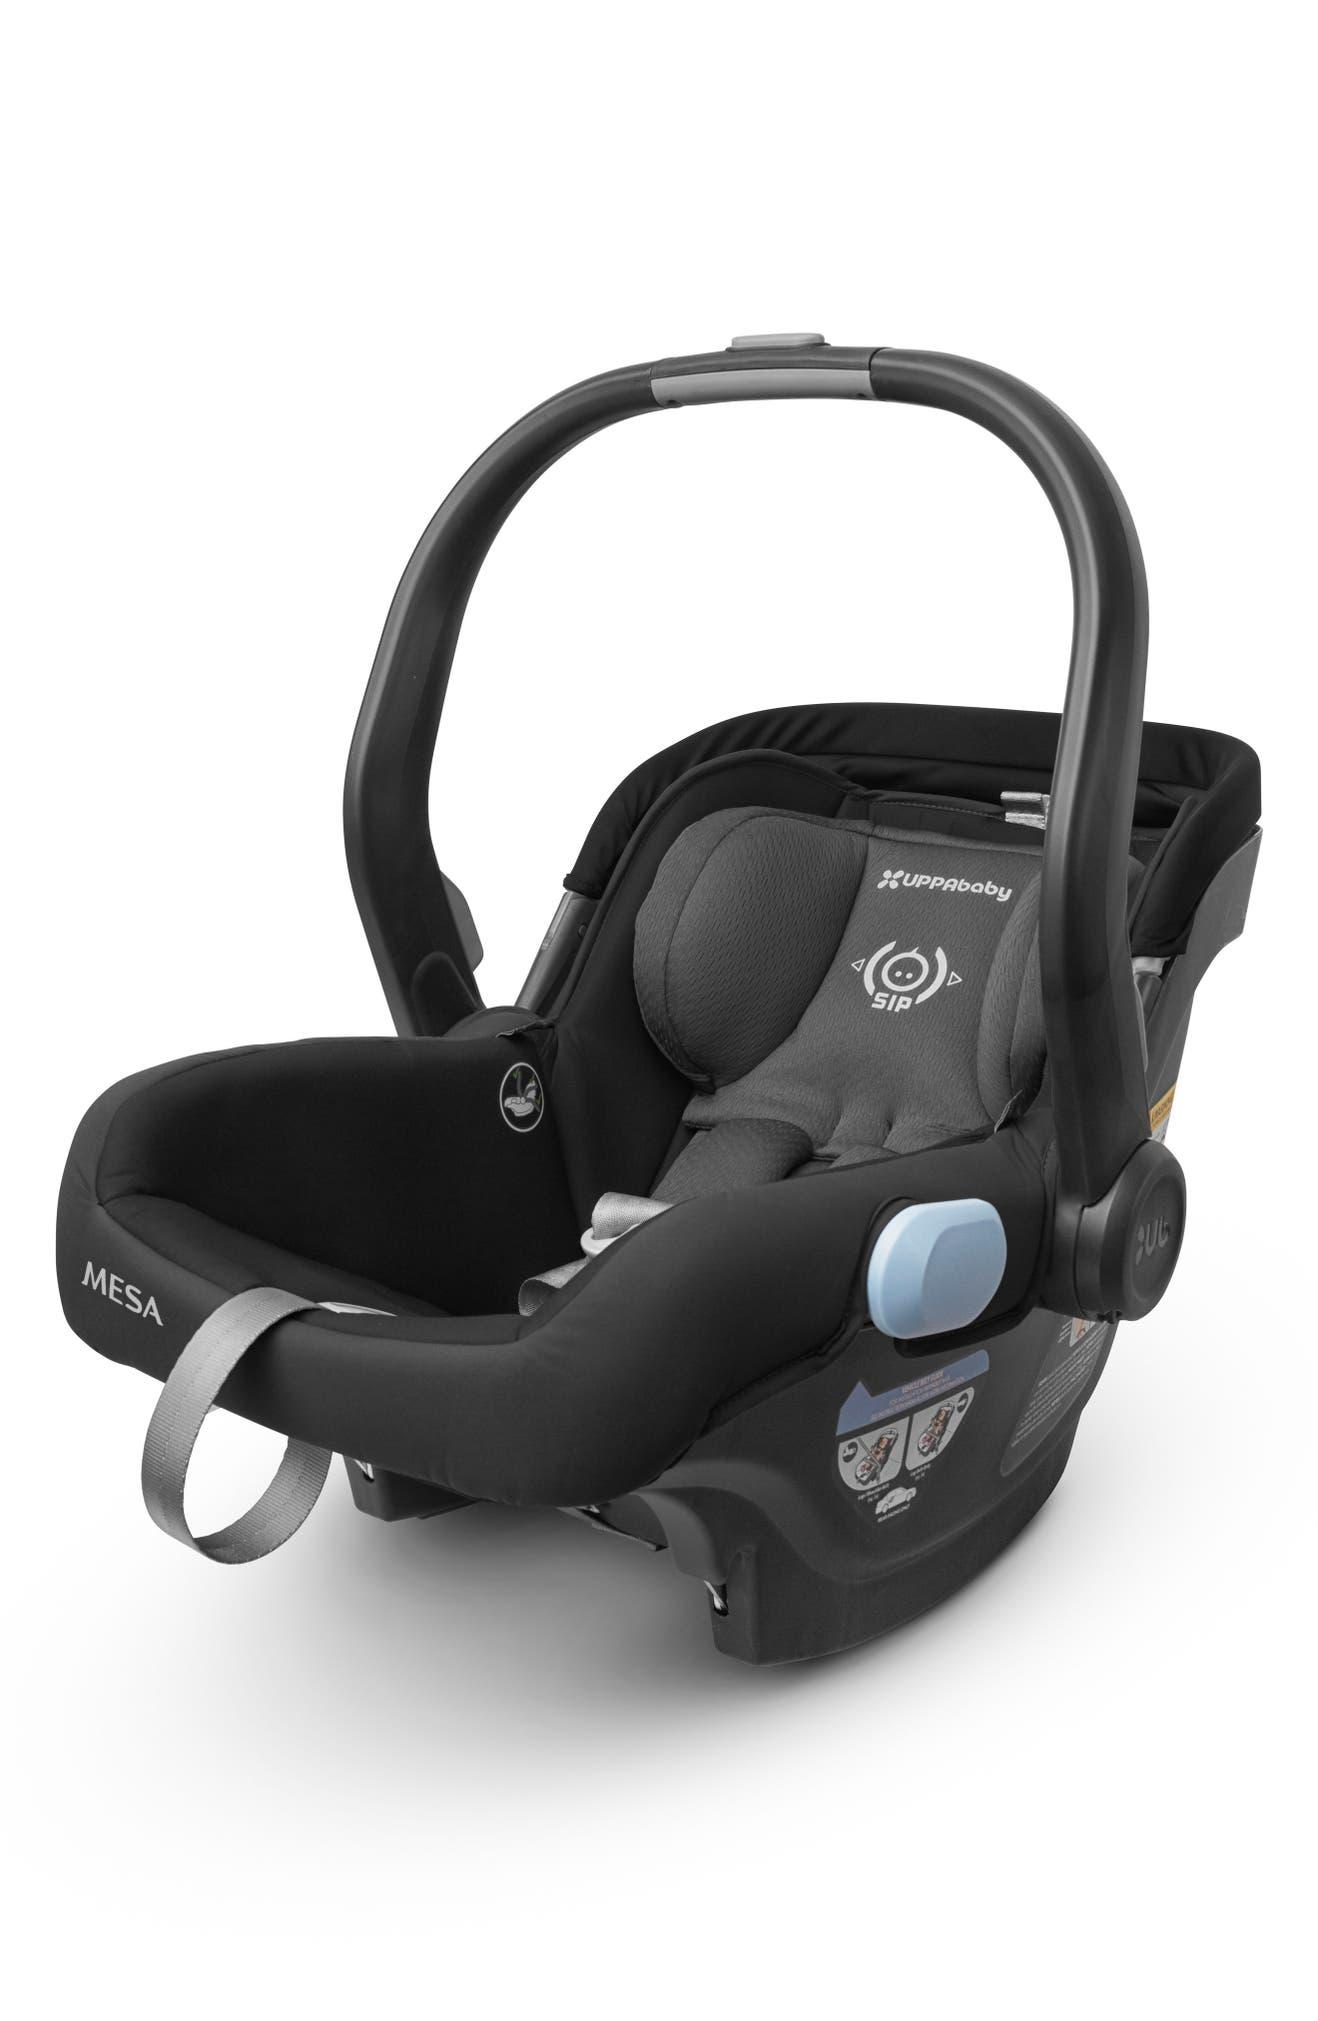 2017 Mesa Infant Car Seat